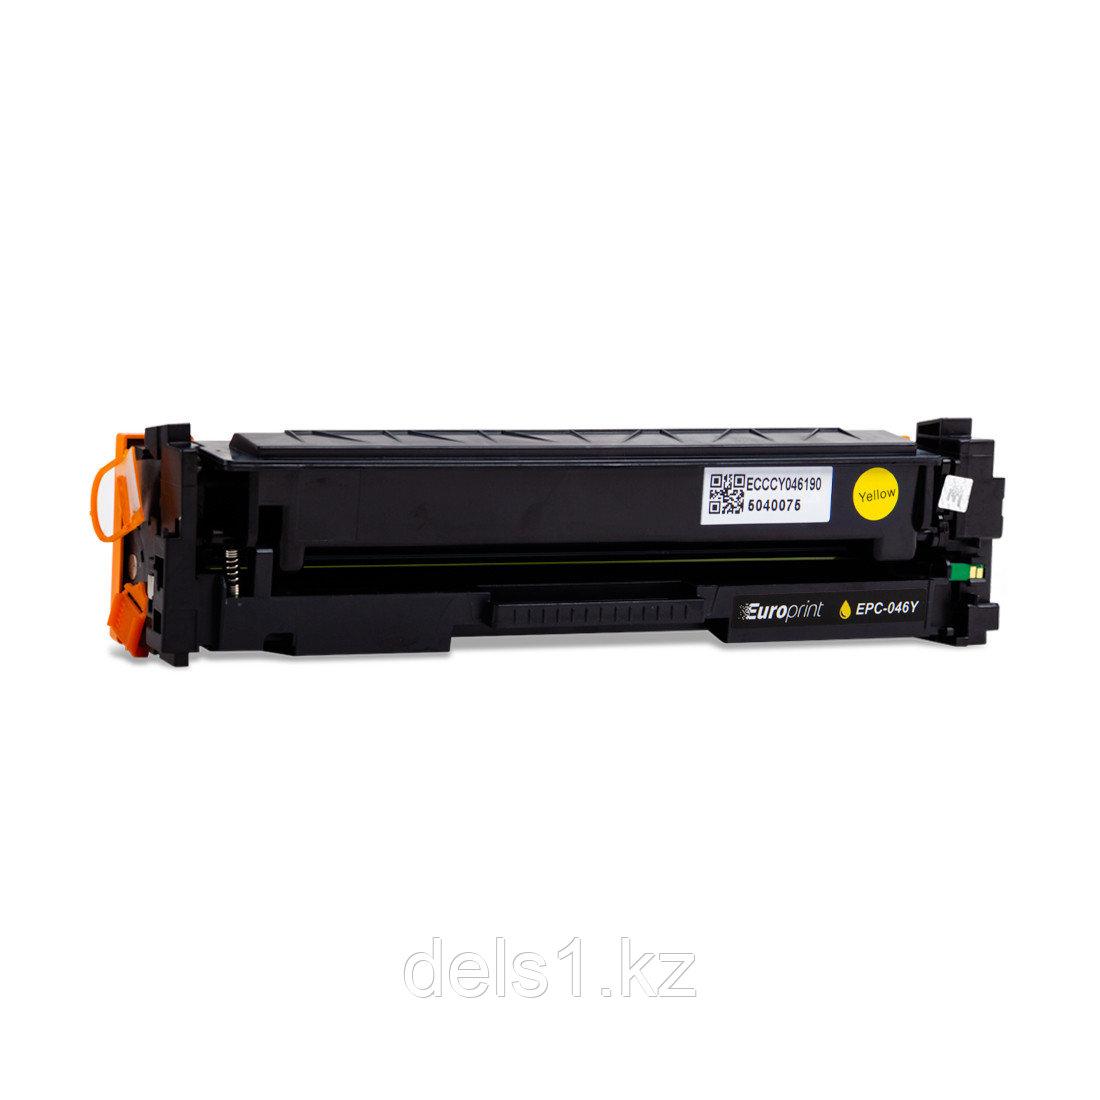 Картридж Europrint EPC-046Y, Жёлтый, Для принтеров Canon Color imageCLASS LBP654/MF735Cdw/MF731Cdw